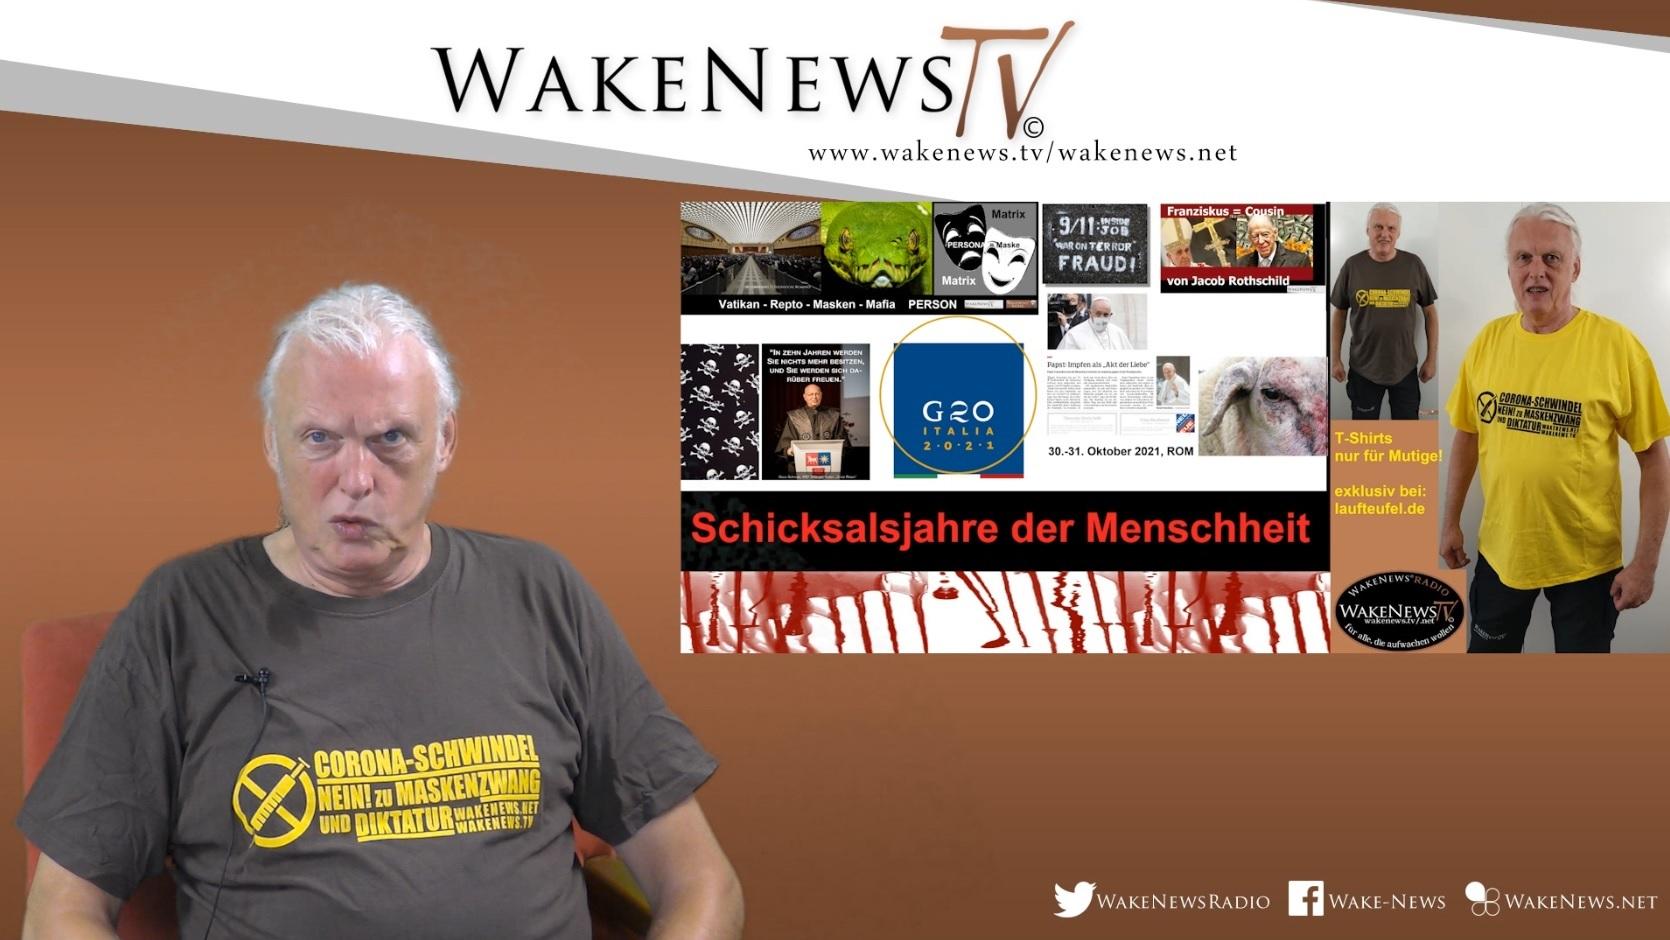 Schicksalsjahre der Menschheit - Wake News RadioTV 20210911